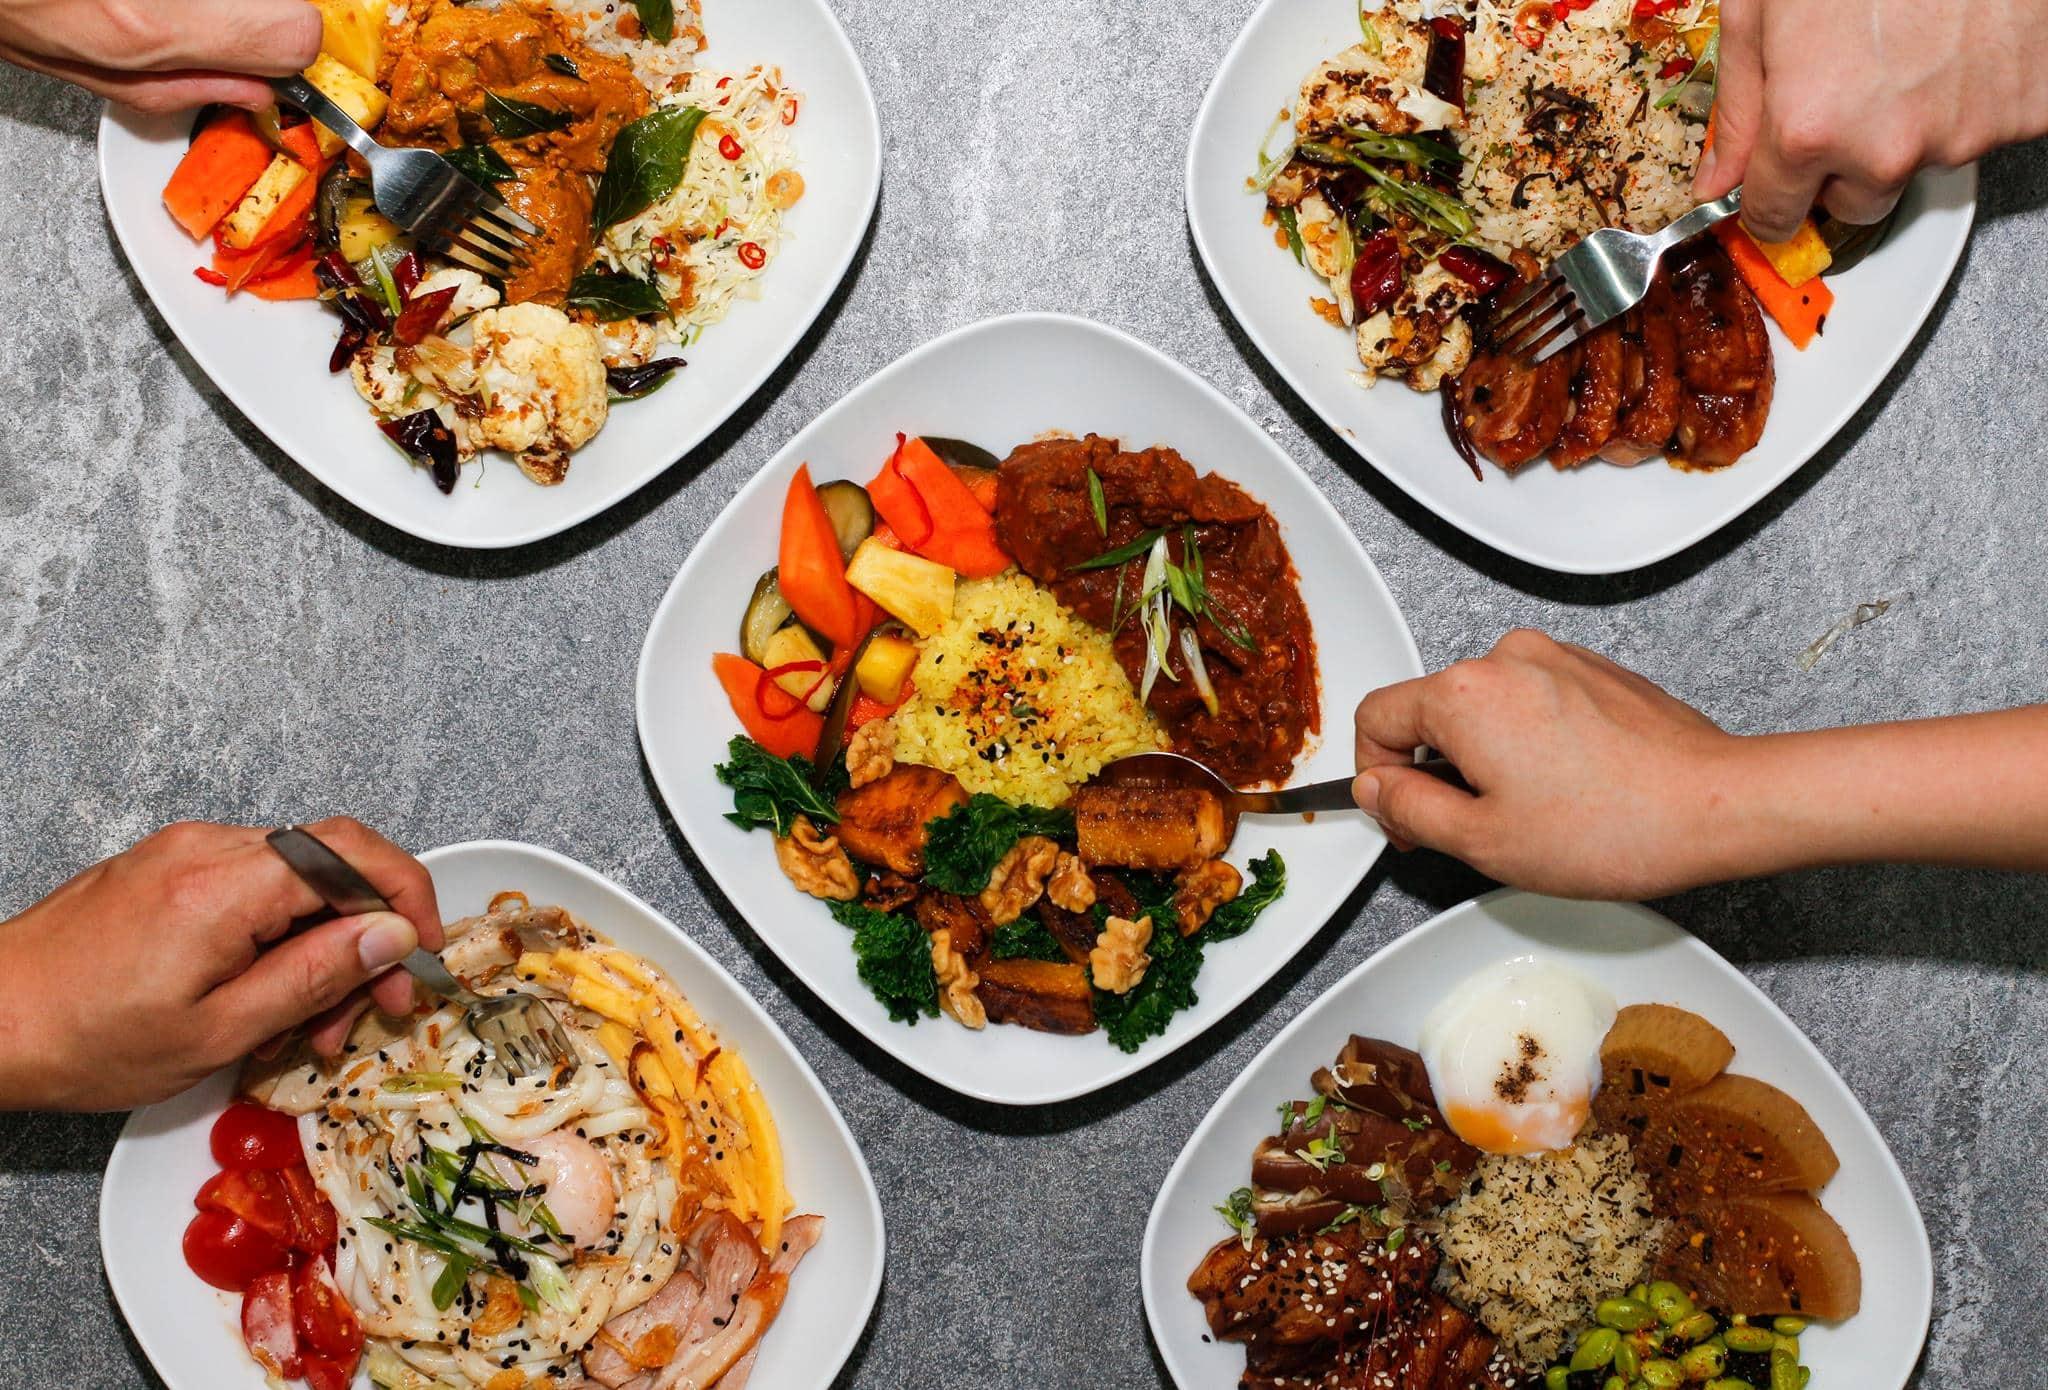 healthy hong kong, hong kong, hong kong restaurants, lunch spots in hong kong, places to eat